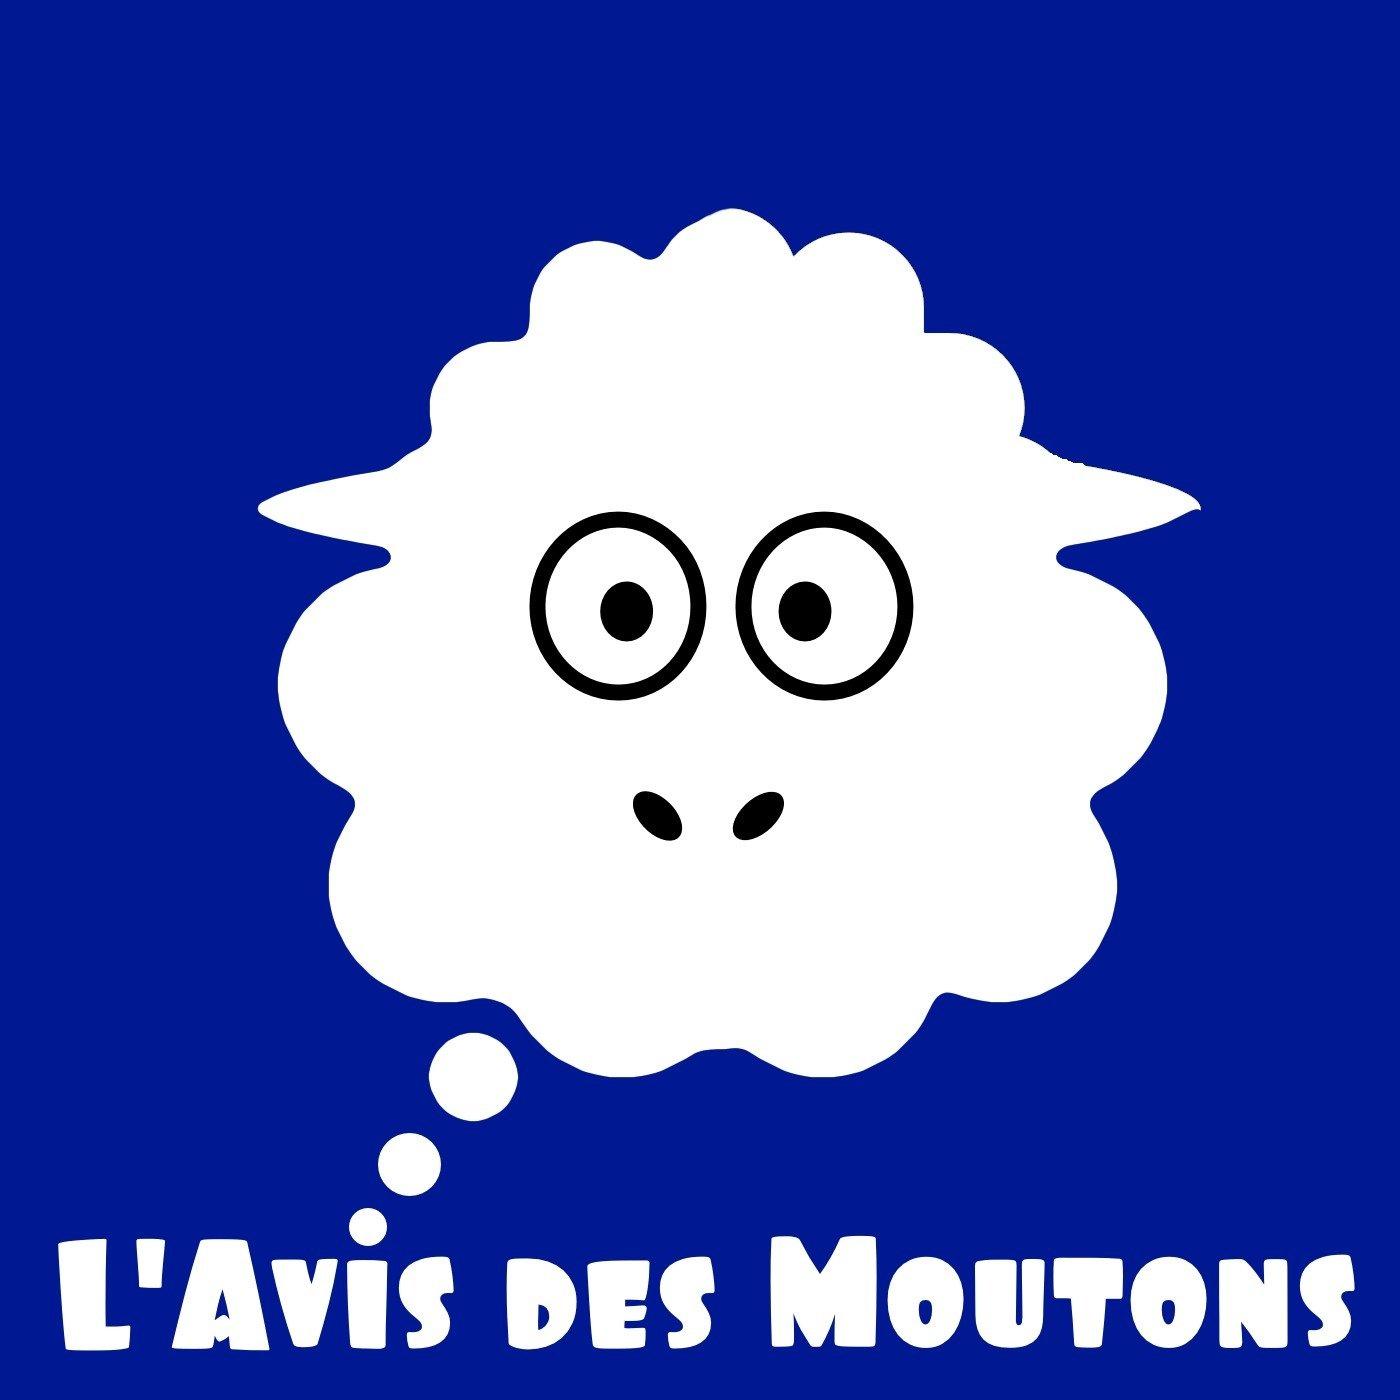 L'Avis Des Moutons - Ep 292 - LADM rentrée 2020 Les dernières infos sur le podcast.